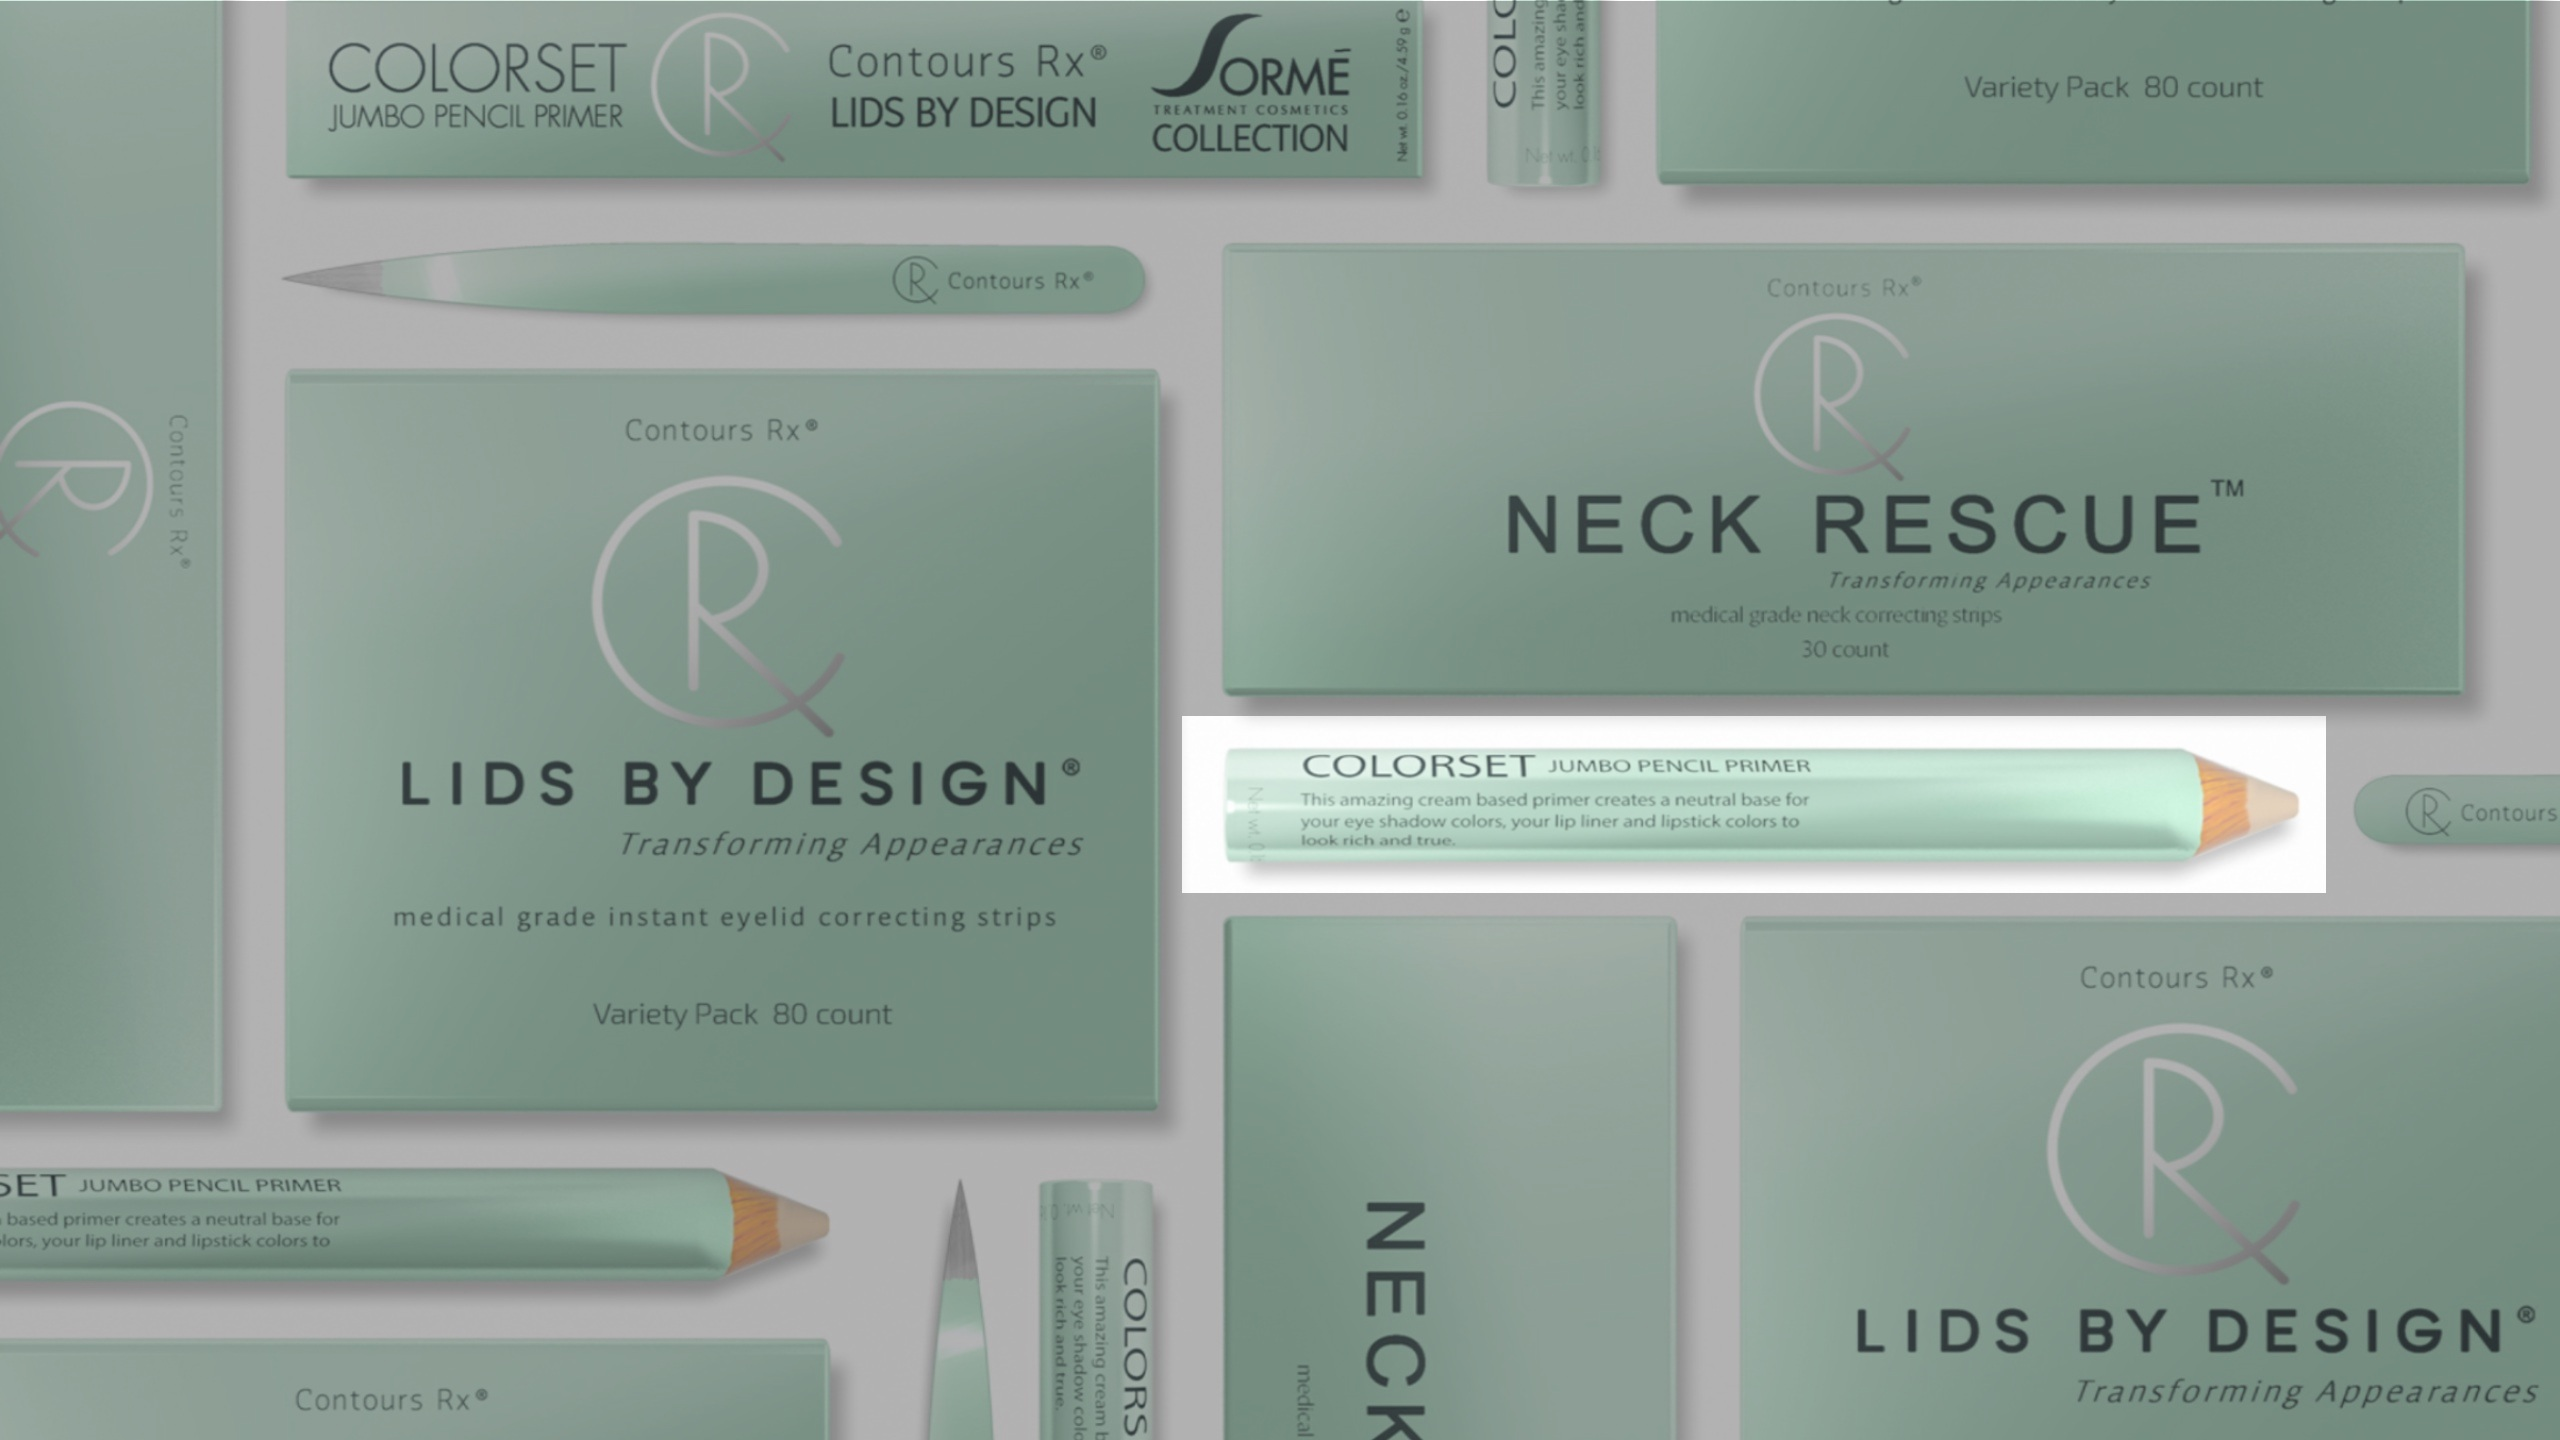 The Hidden Gem Of Contours Rx The Colorset Pencil Primer Contours Rx